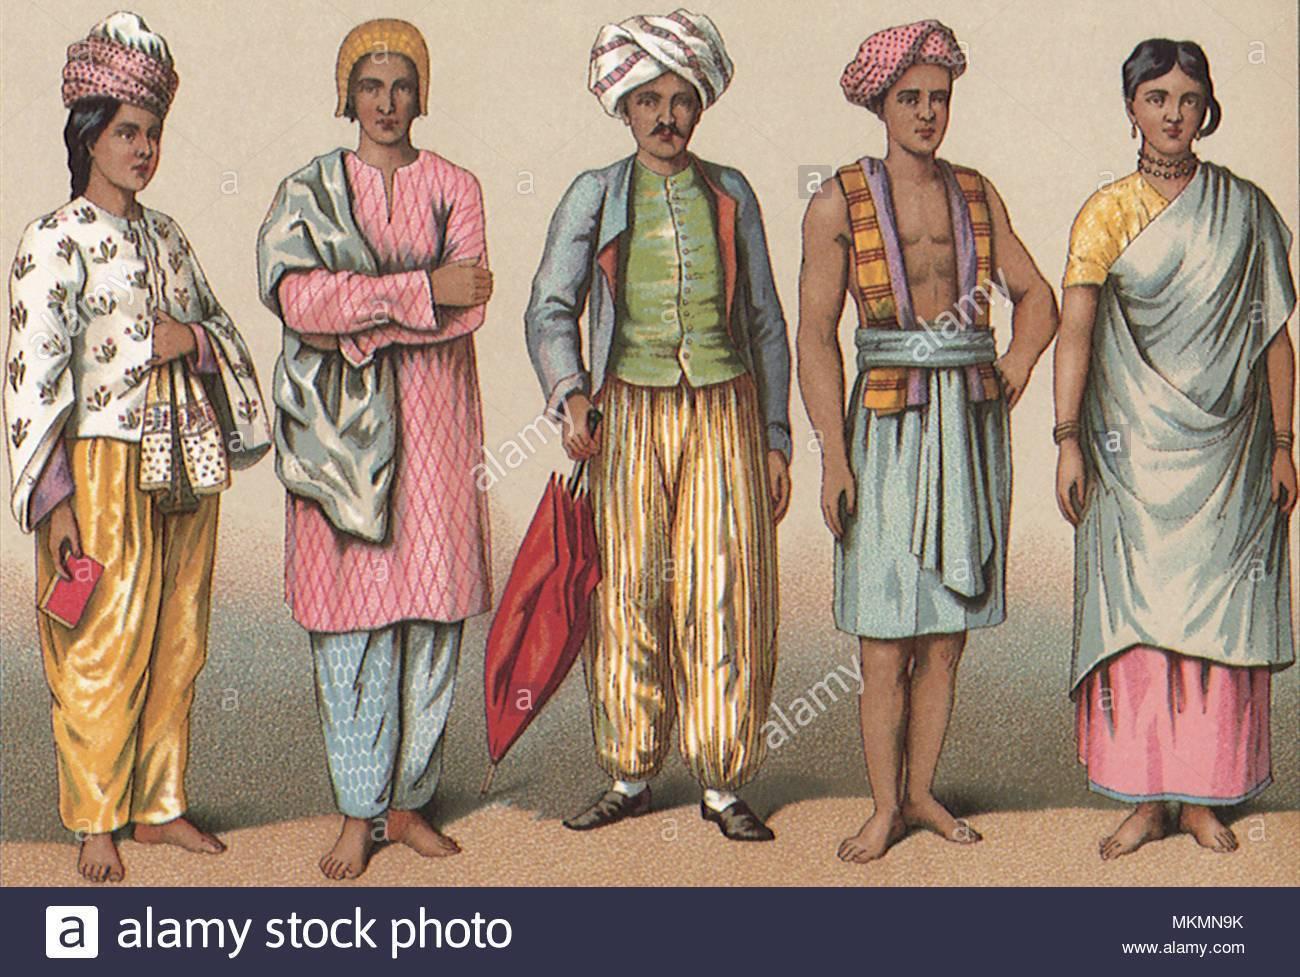 Касты в древней индии